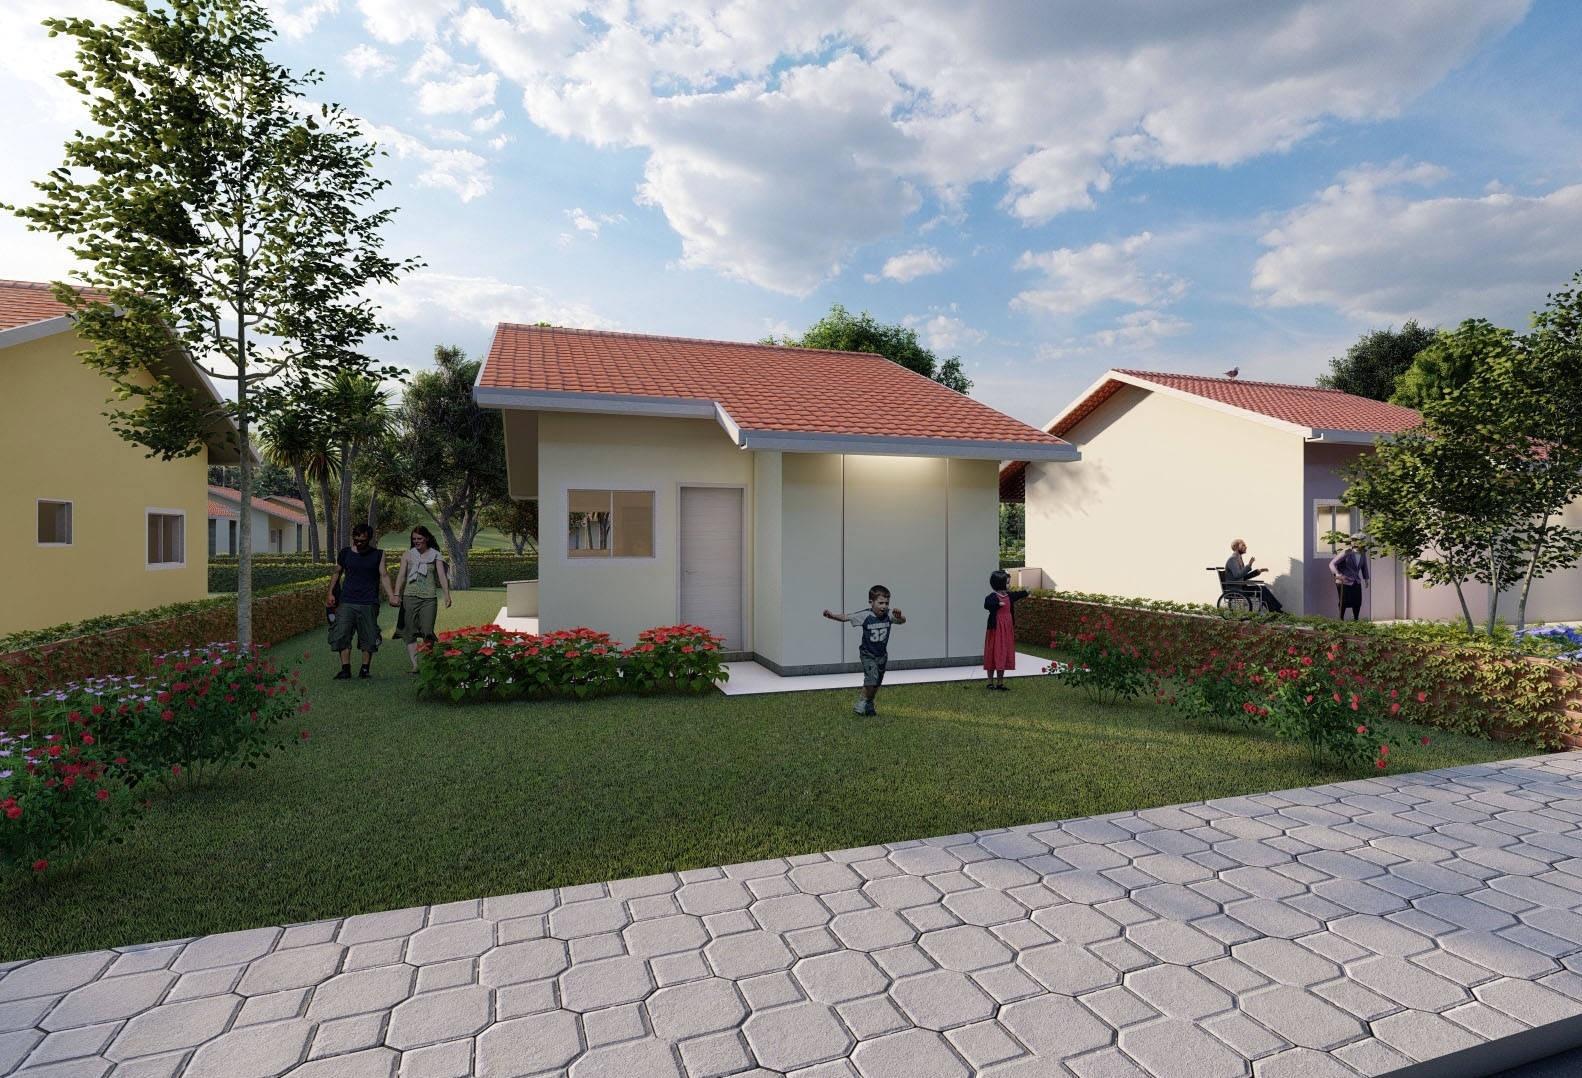 AEAC e prefeitura de Cascavel oferecem projetos gratuitos para construção de moradias populares